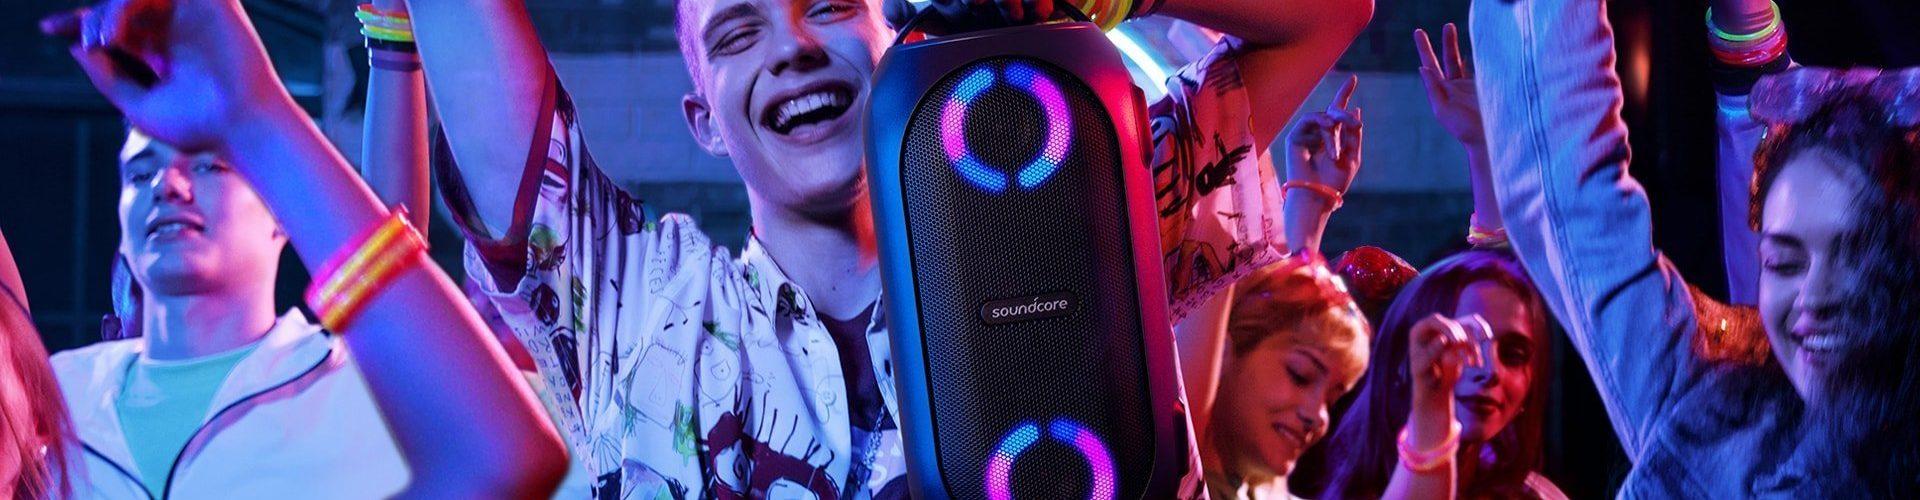 Loudest Bluetooth Speakers - Audiostance